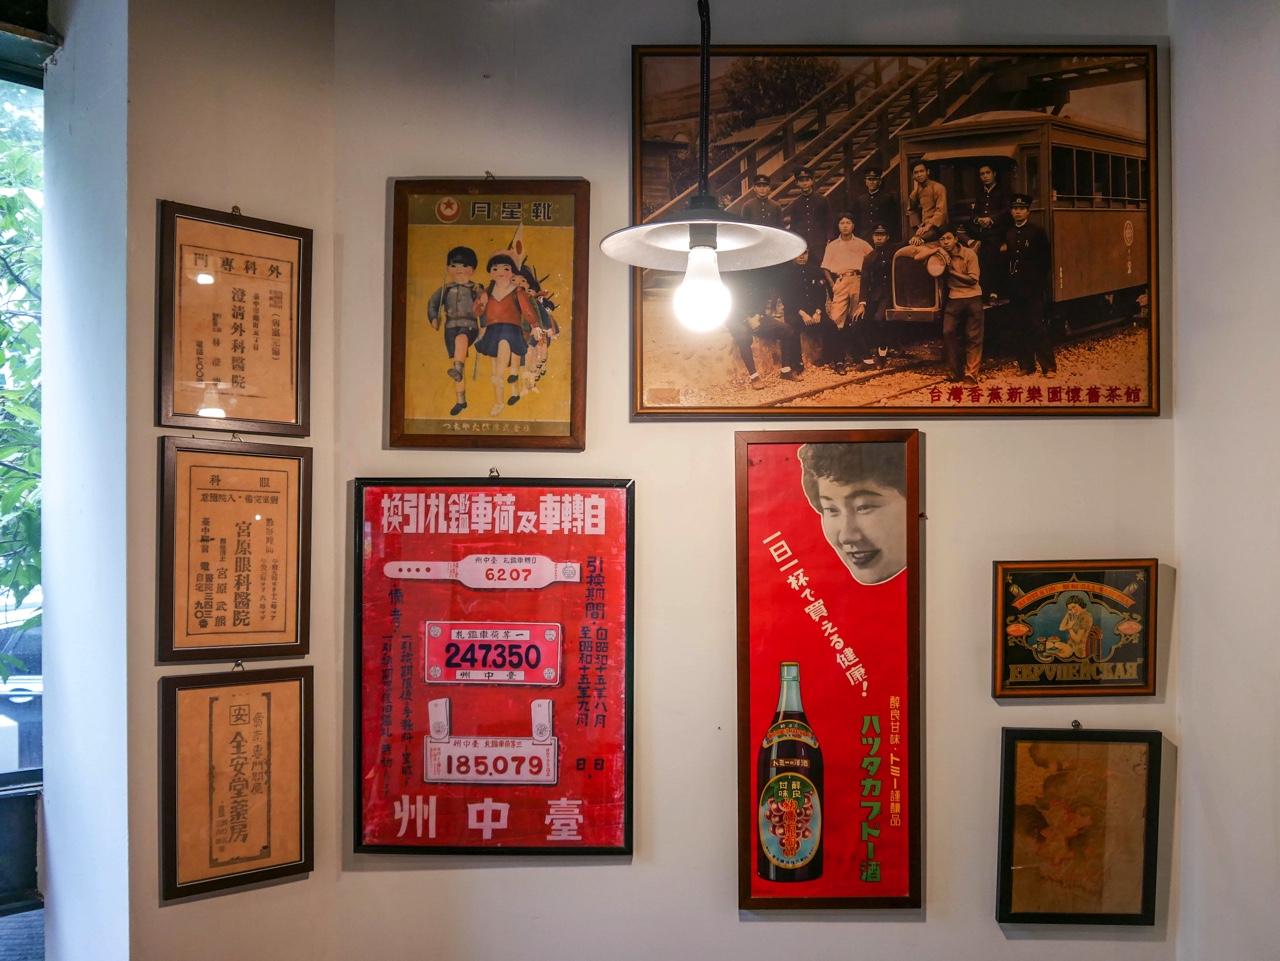 昔の台湾の広告や写真